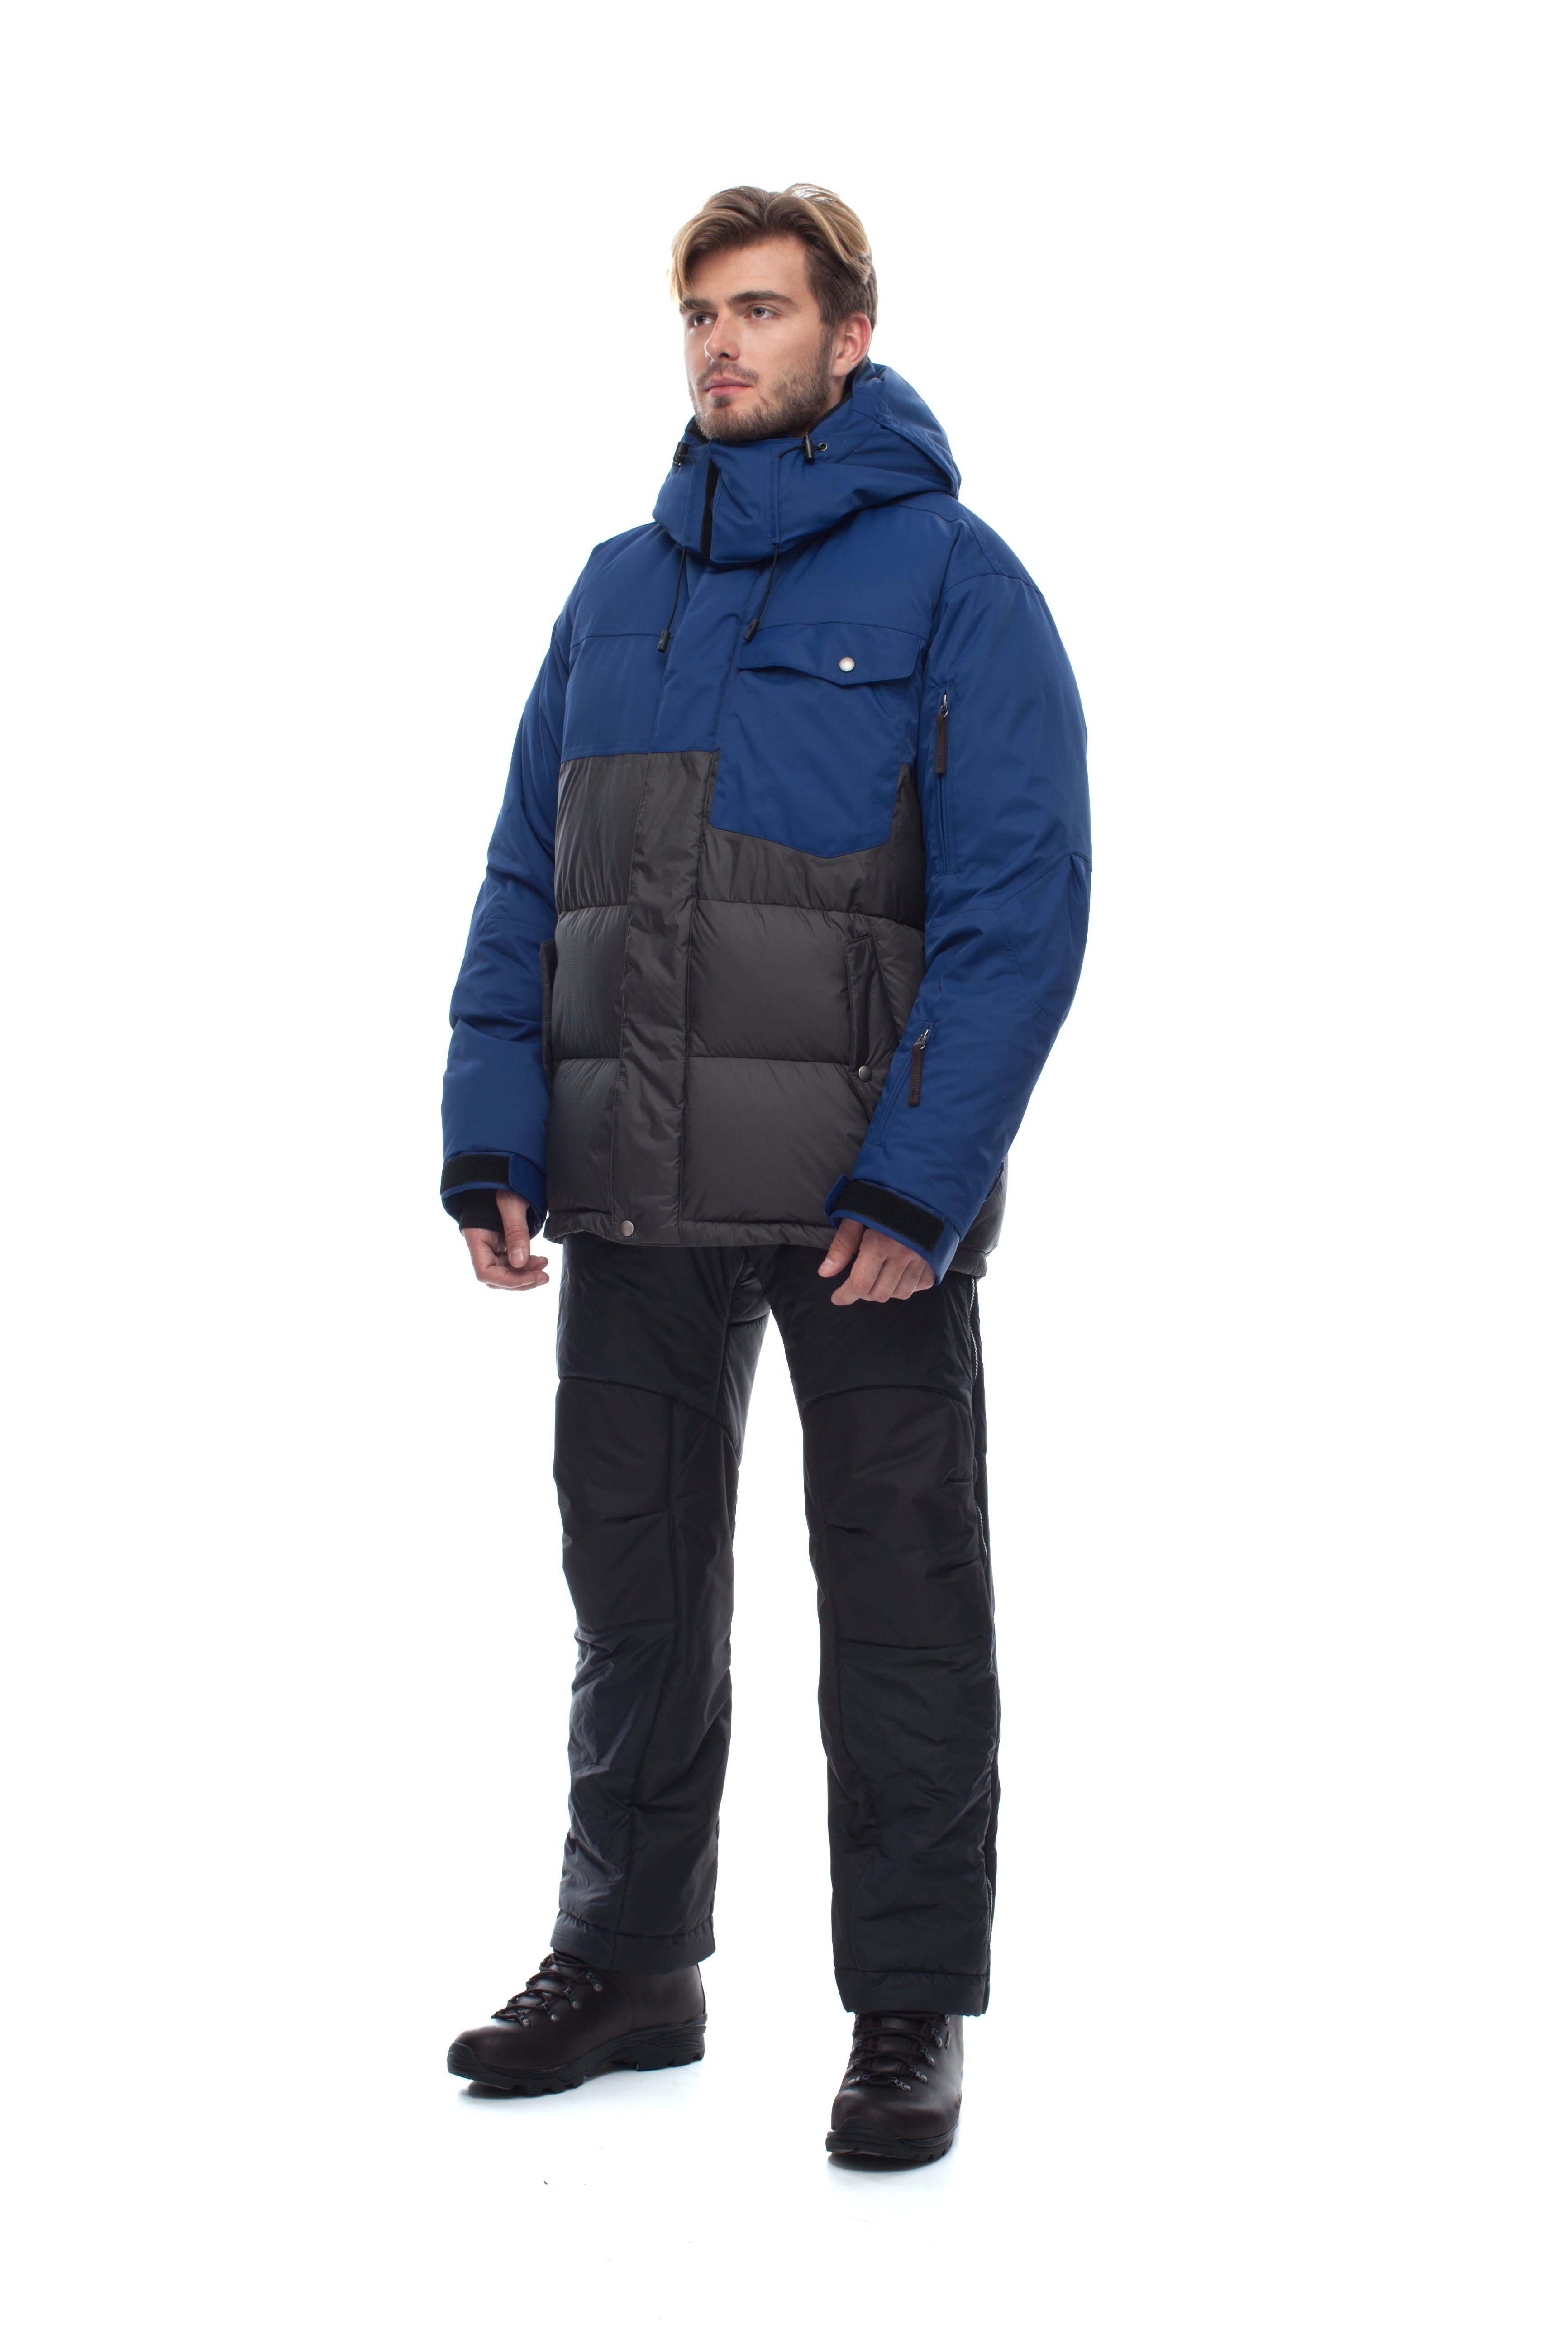 Пуховая куртка BASK NANDU 3893Куртки<br><br><br>&quot;Дышащие&quot; свойства: Да<br>Верхняя ткань: Advance® Ecliptic<br>Ветро-влагозащитные свойства верхней ткани: Да<br>Ветрозащитная планка: Нет<br>Ветрозащитная юбка: Да<br>Влагозащитные молнии: Нет<br>Внутренние манжеты: Да<br>Внутренняя ткань: Advance® Classic<br>Водонепроницаемость: 20000<br>Дублирующий центральную молнию клапан: Да<br>Защитный козырёк капюшона: Нет<br>Капюшон: Съемный<br>Карман для средств связи: Нет<br>Количество внешних карманов: 3<br>Количество внутренних карманов: 2<br>Мембрана: Да<br>Объемный крой локтевой зоны: Да<br>Отстёгивающиеся рукава: Нет<br>Паропроницаемость: 15000<br>Показатель Fill Power (для пуховых изделий): 650<br>Пол: Мужской<br>Проклейка швов: Да<br>Регулировка манжетов рукавов: Да<br>Регулировка низа: Да<br>Регулировка объёма капюшона: Да<br>Регулировка талии: Да<br>Регулируемые вентиляционные отверстия: Да<br>Световозвращающая лента: Нет<br>Температурный режим: -25<br>Технология Thermal Welding: Нет<br>Усиление контактных зон: Нет<br>Утеплитель: Гусиный пух<br>Размер INT: M<br>Цвет: ЧЕРНЫЙ